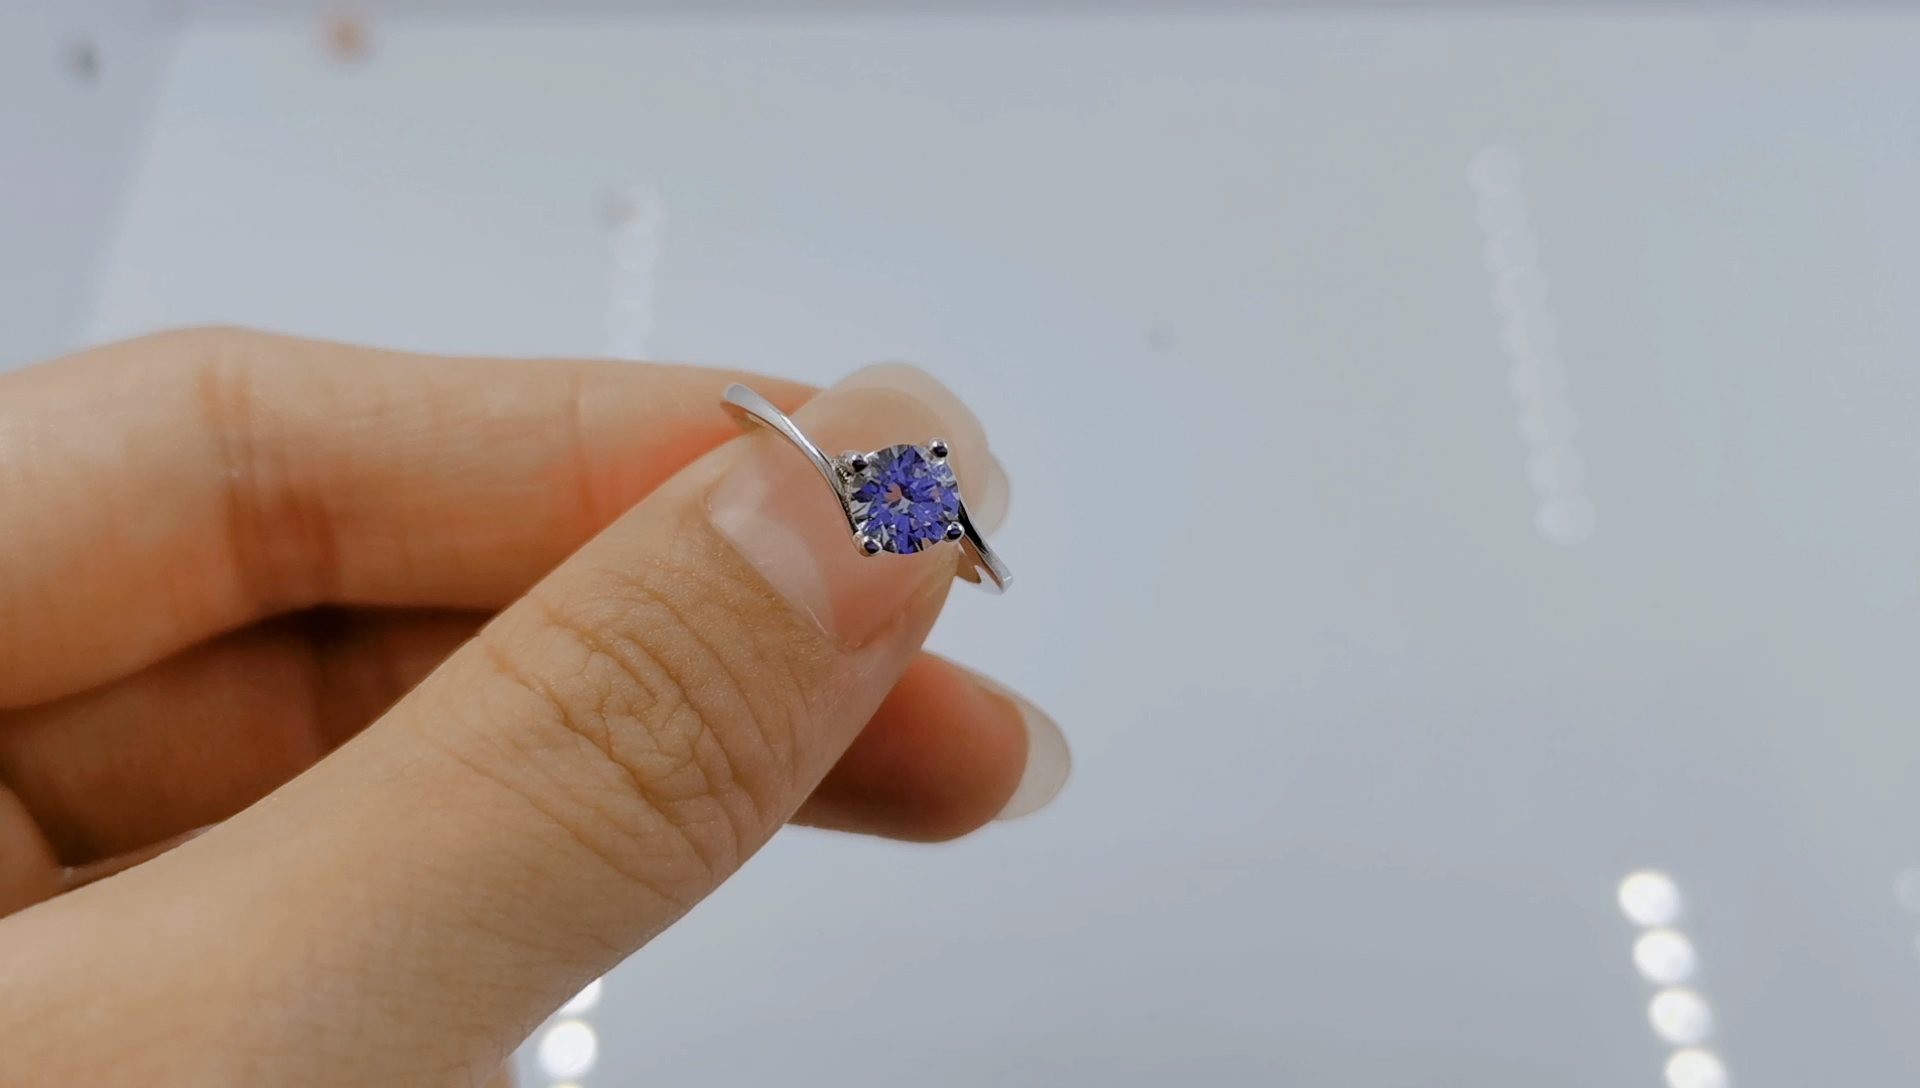 الحد الأدنى مخصص مجوهرات الزفاف مويسانيتي الماس 925 الفضة الاسترليني خواتم الخطبة